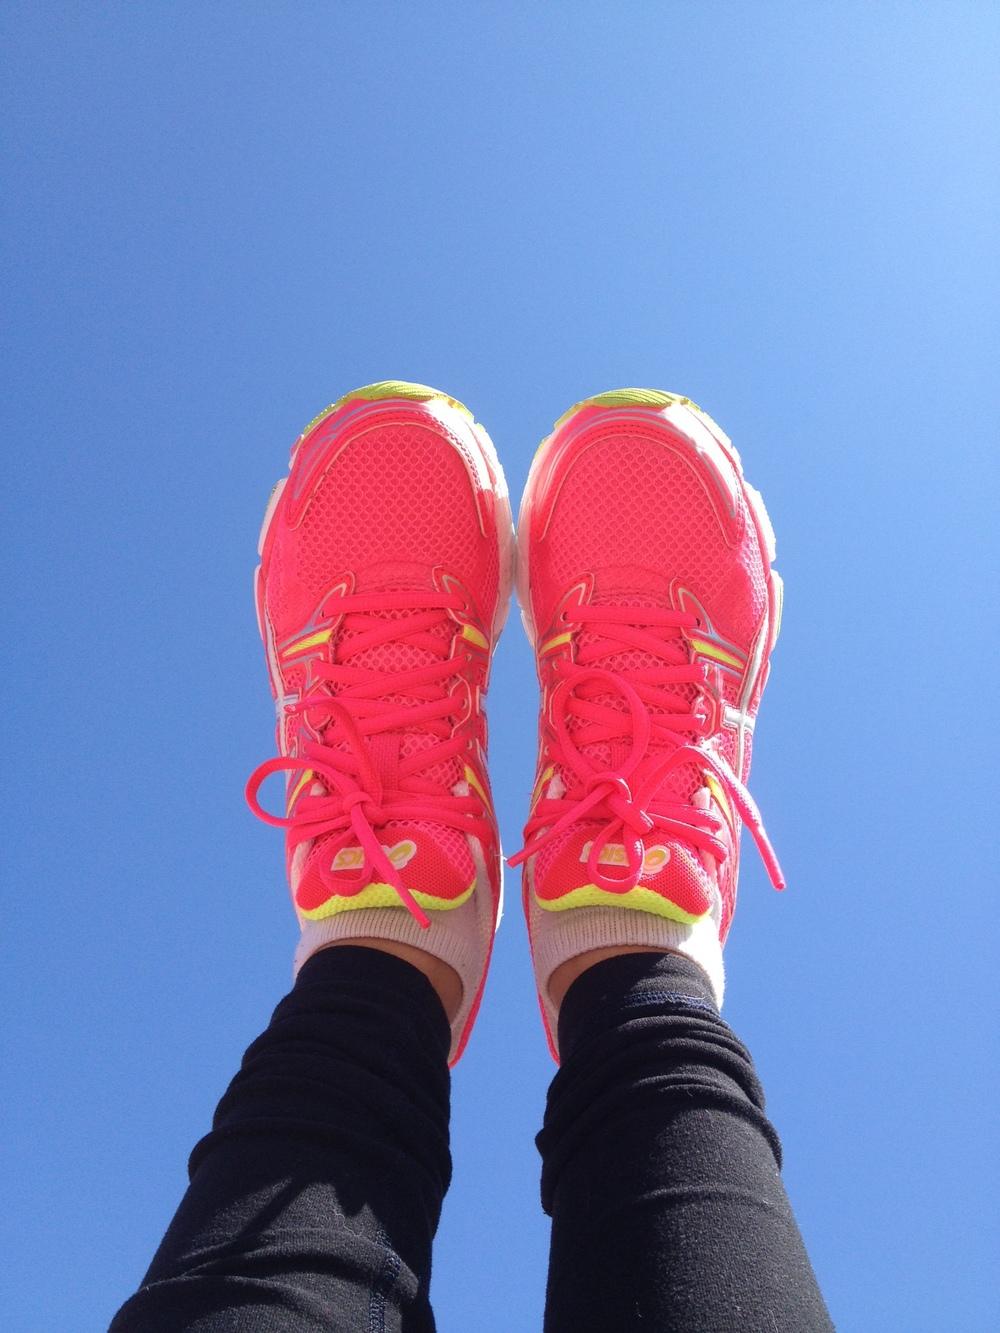 pink-sneakers.JPG